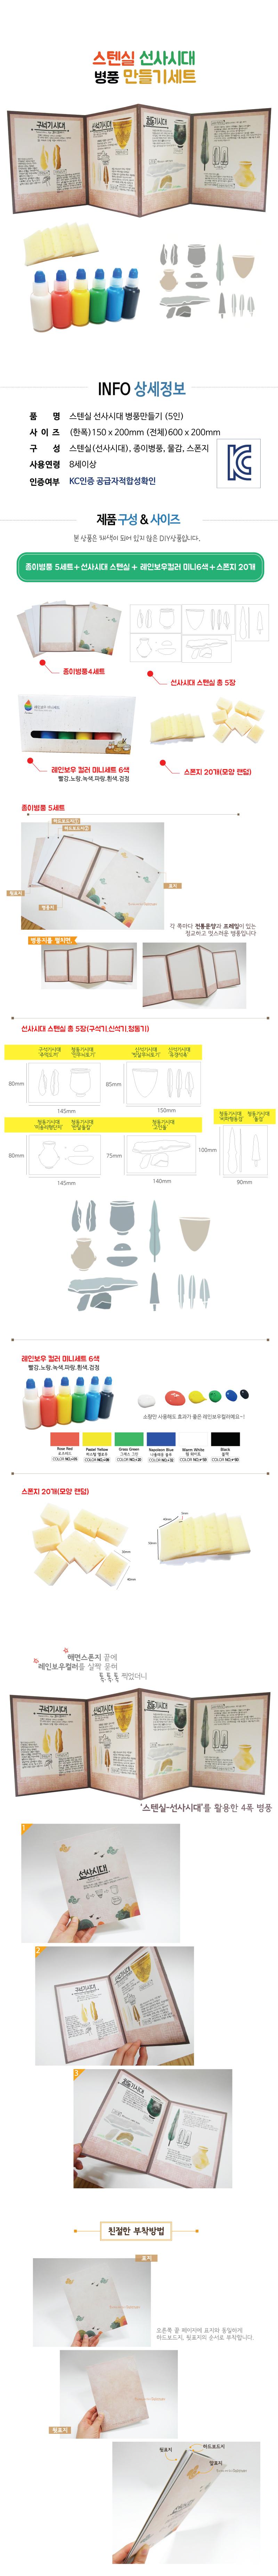 스텐실 선사시대 4폭병풍만들기(5인) - 피오피스토리, 23,500원, 종이공예/북아트, 소품 패키지